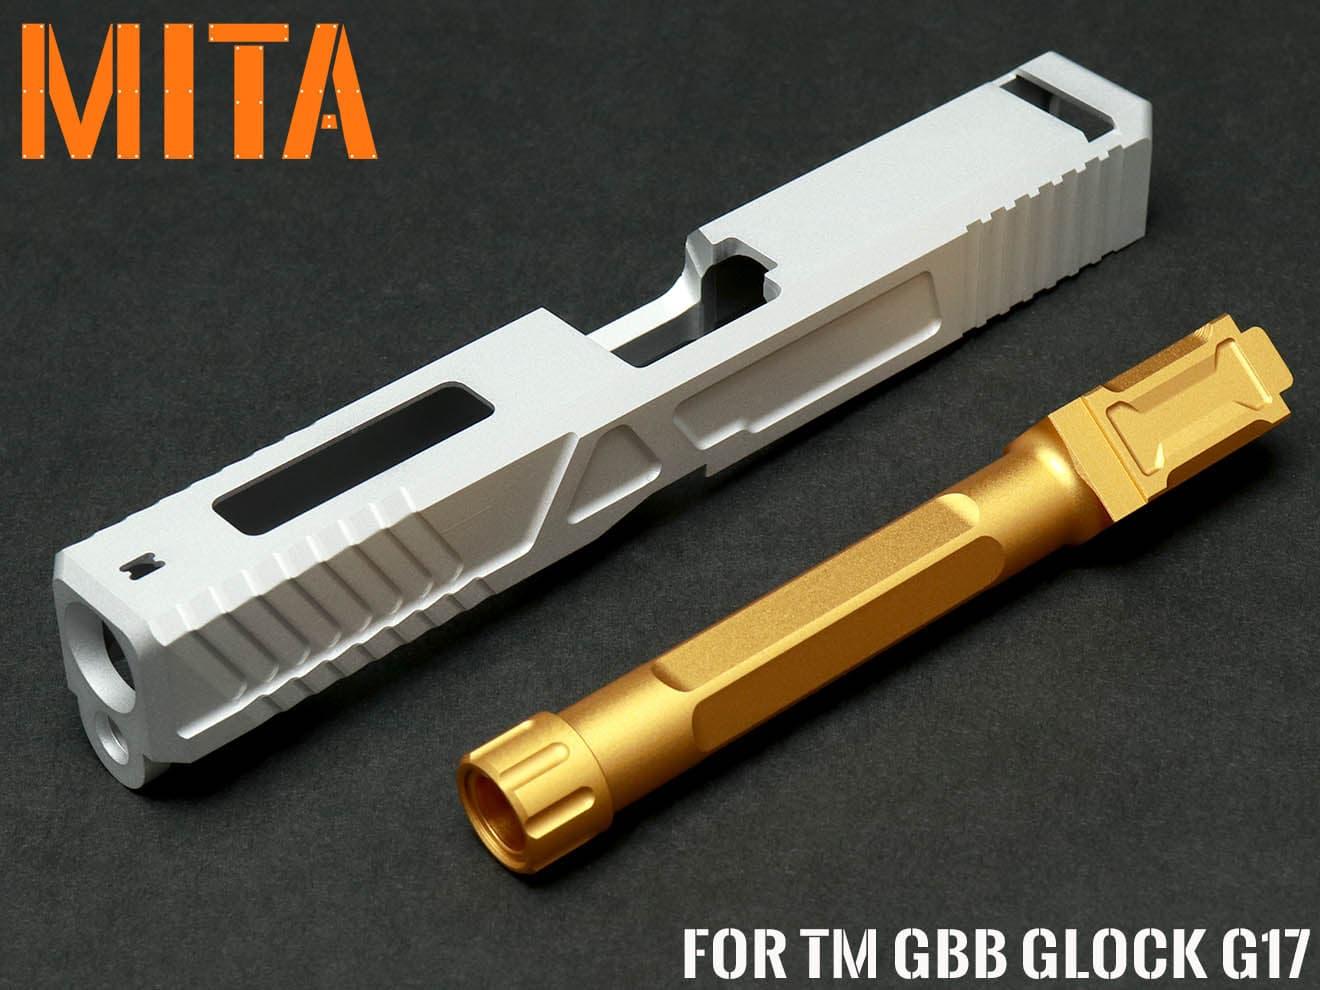 MITA アルミスライドCNC カスタムスライドキット for TM GBB G17◆マットシルバー マルイグロックG17 ヘキサゴンフルートバレル 14mm逆ネジ